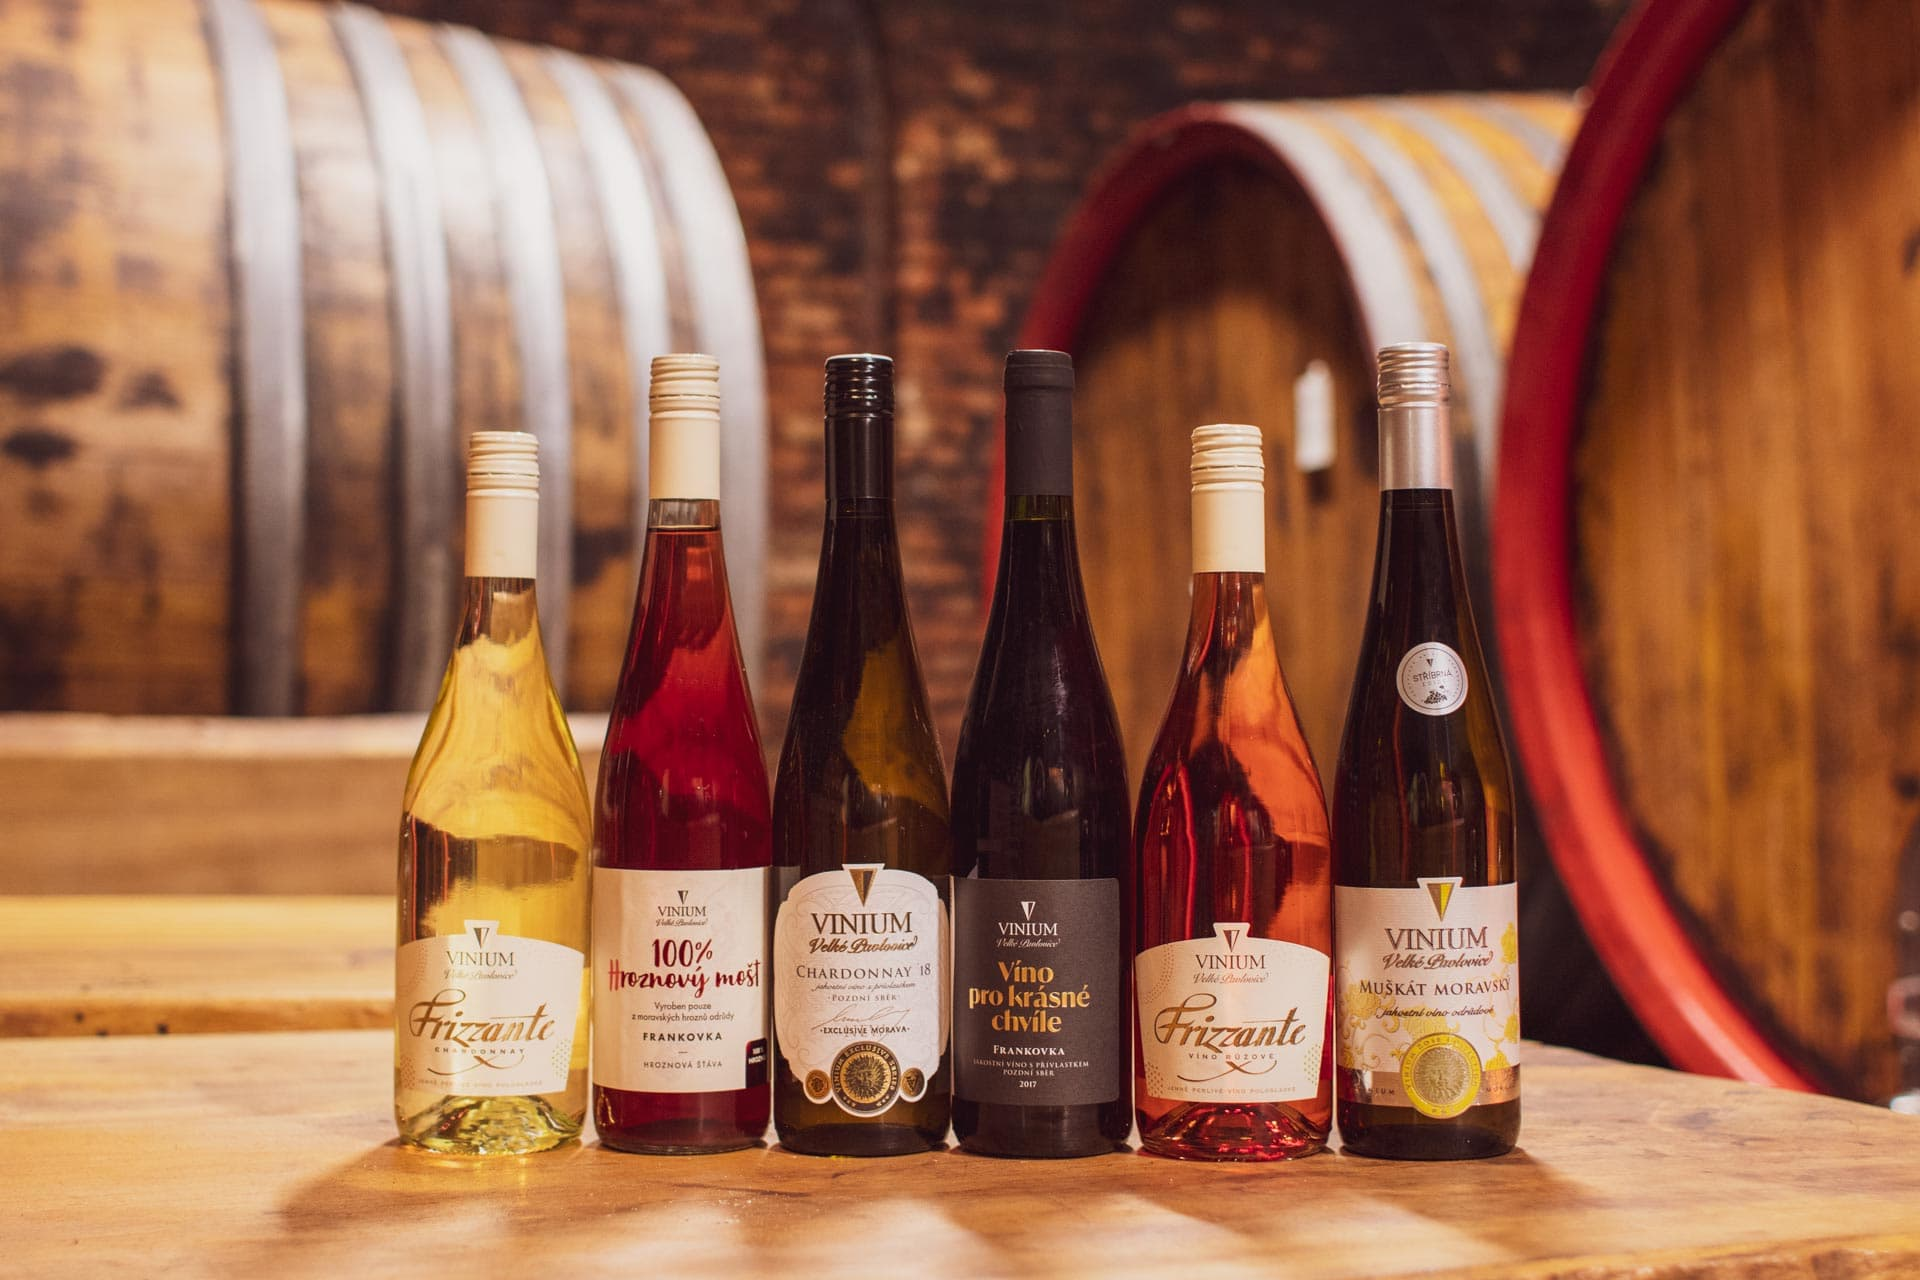 Degustační balíček vín, mix vín, karton vína, přívlastkové víno, frizzante, hroznový mošt, VINIUM